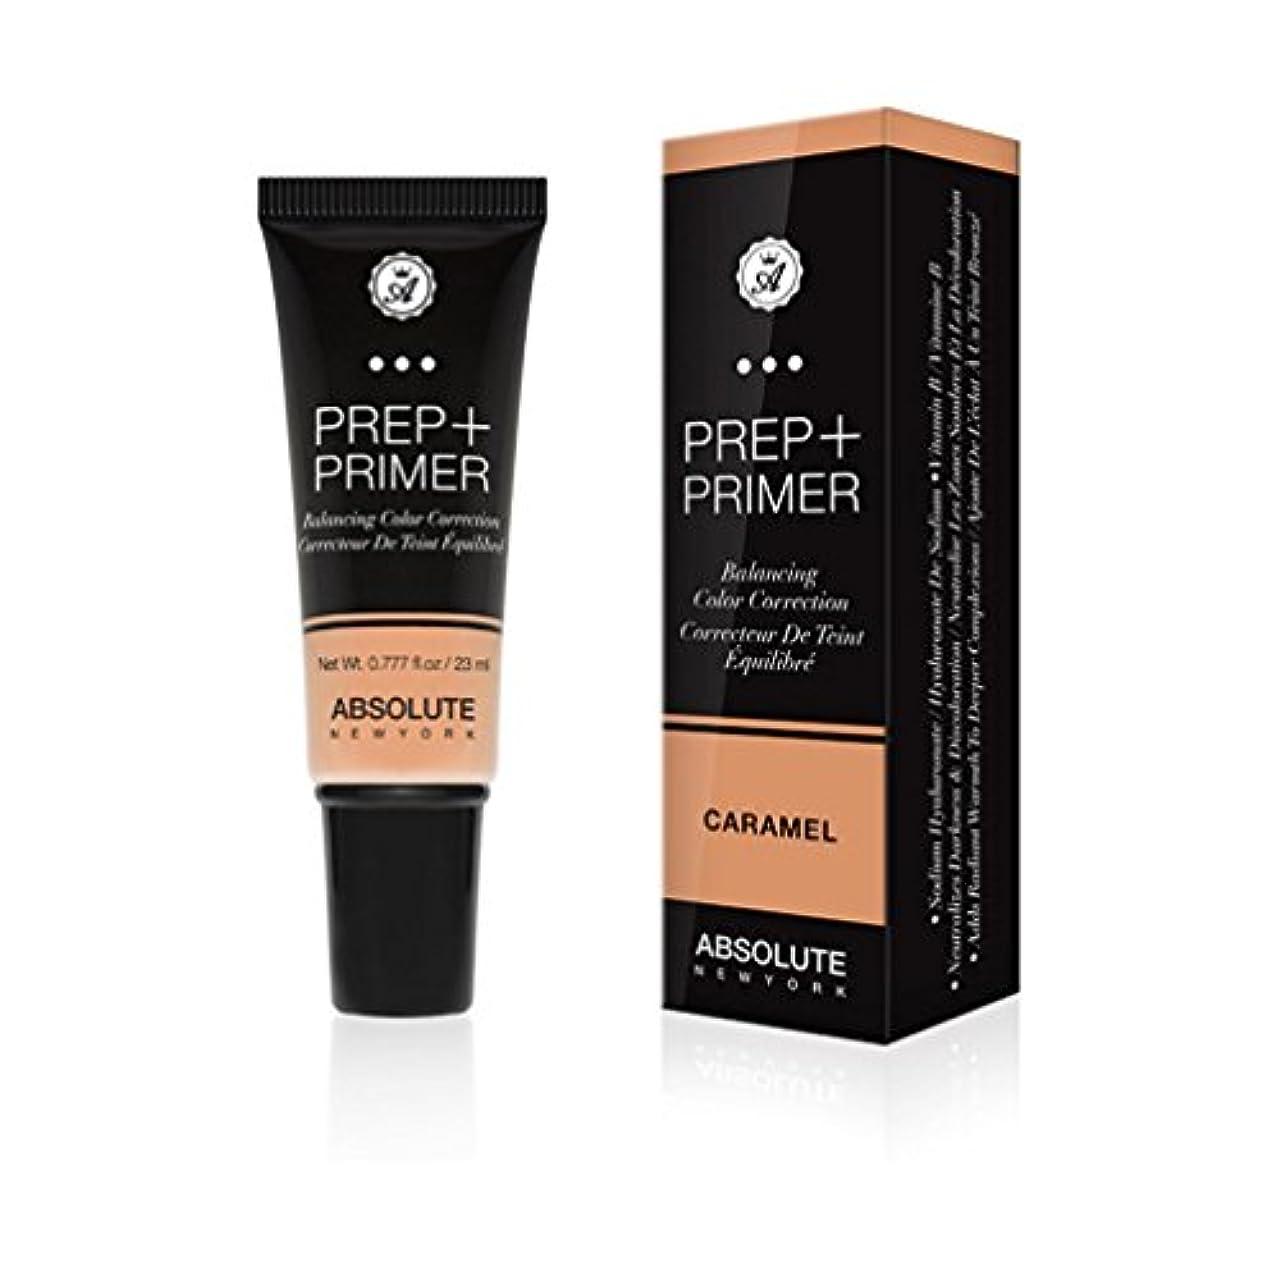 オプション櫛上院議員(3 Pack) ABSOLUTE Prep + Primer - Caramel (並行輸入品)